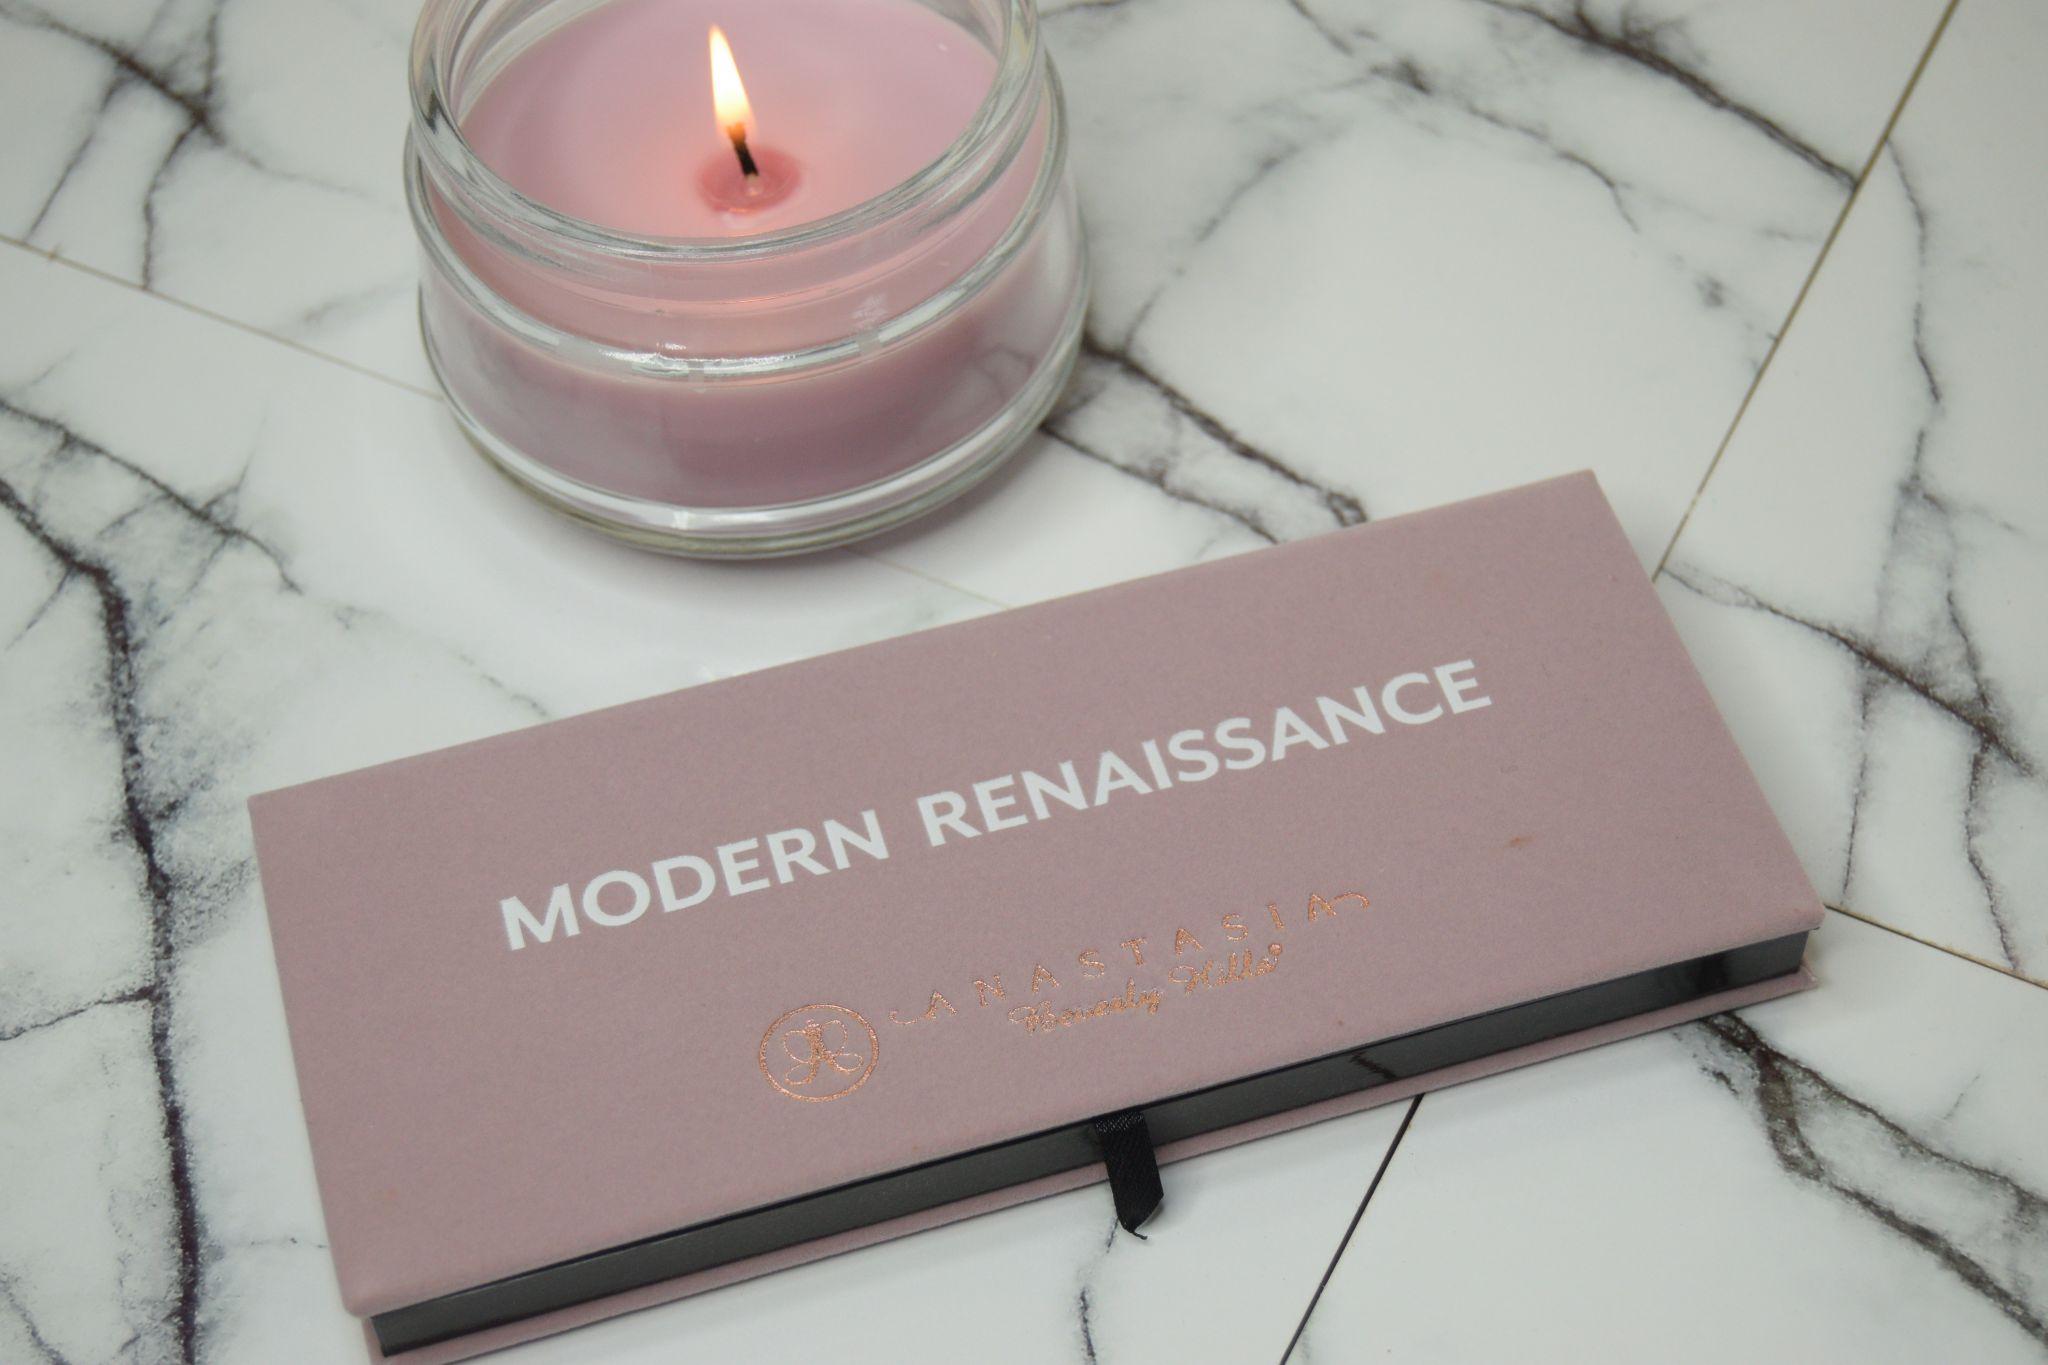 DSC 2011 1440x960 - Anastasia Modern Renaissance Palette